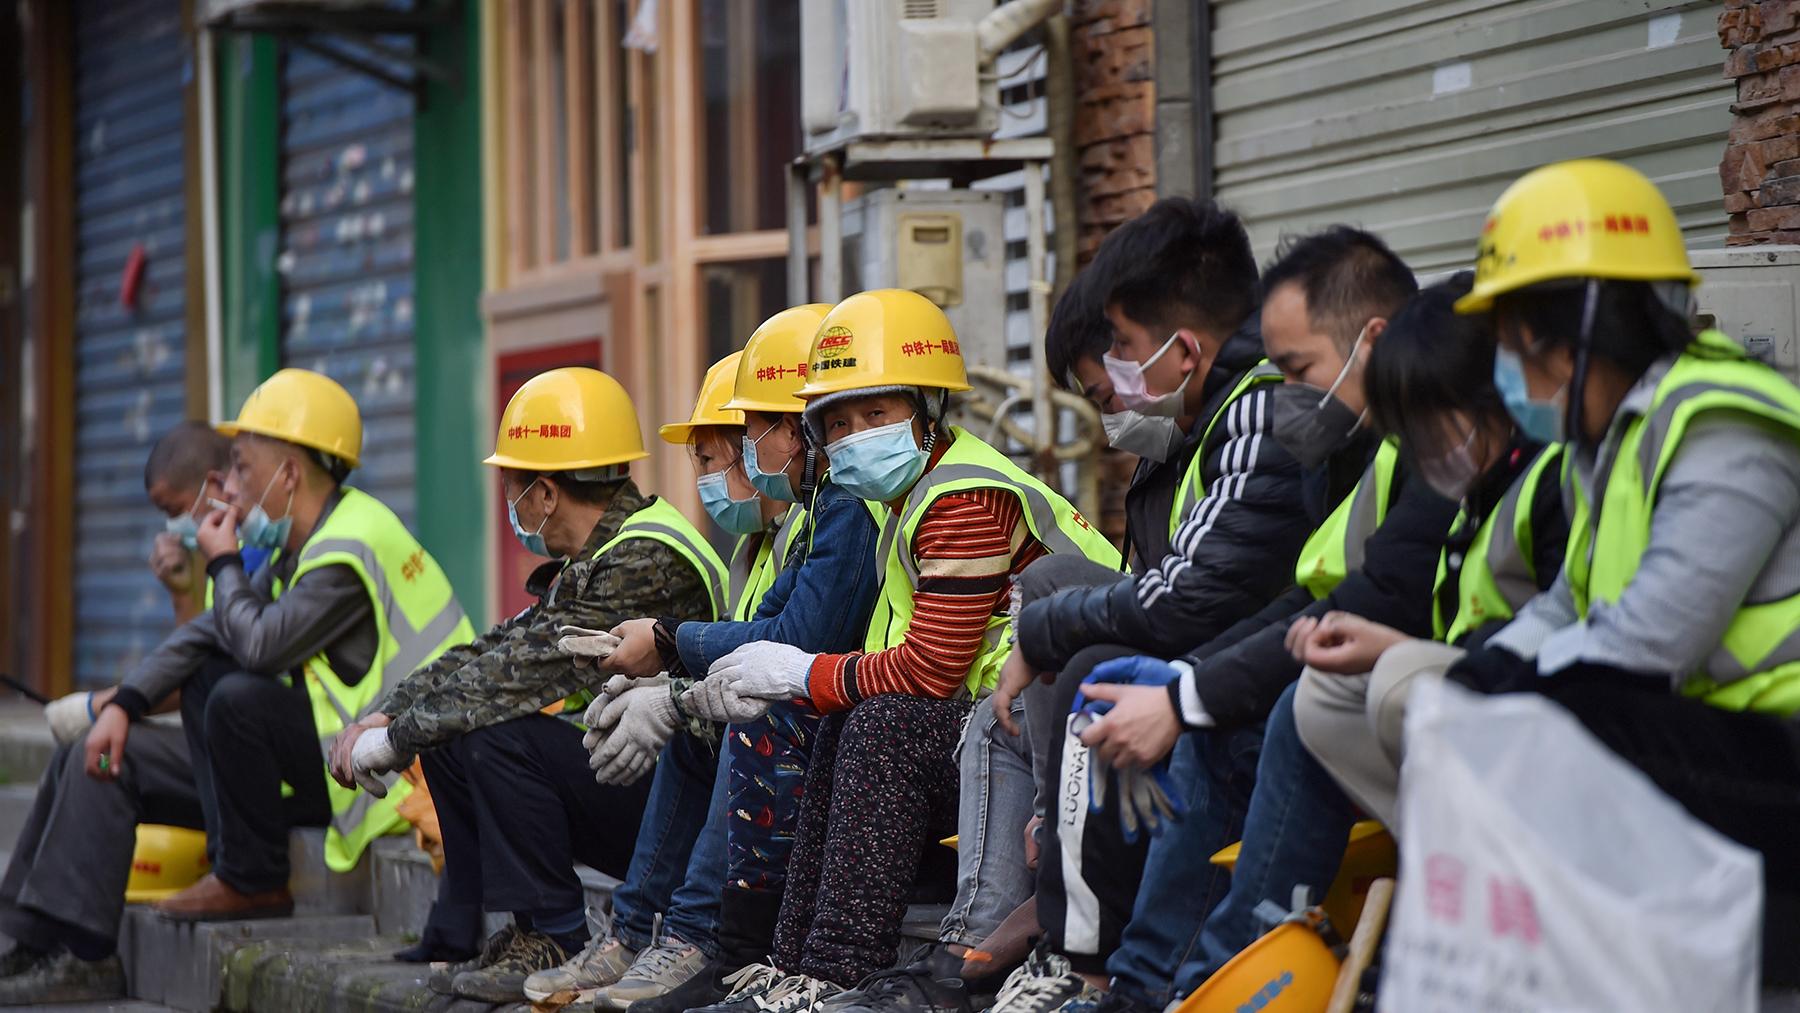 2020年2月23日,在武汉一所医院里设置路障的工人在短暂休息。(法新社)